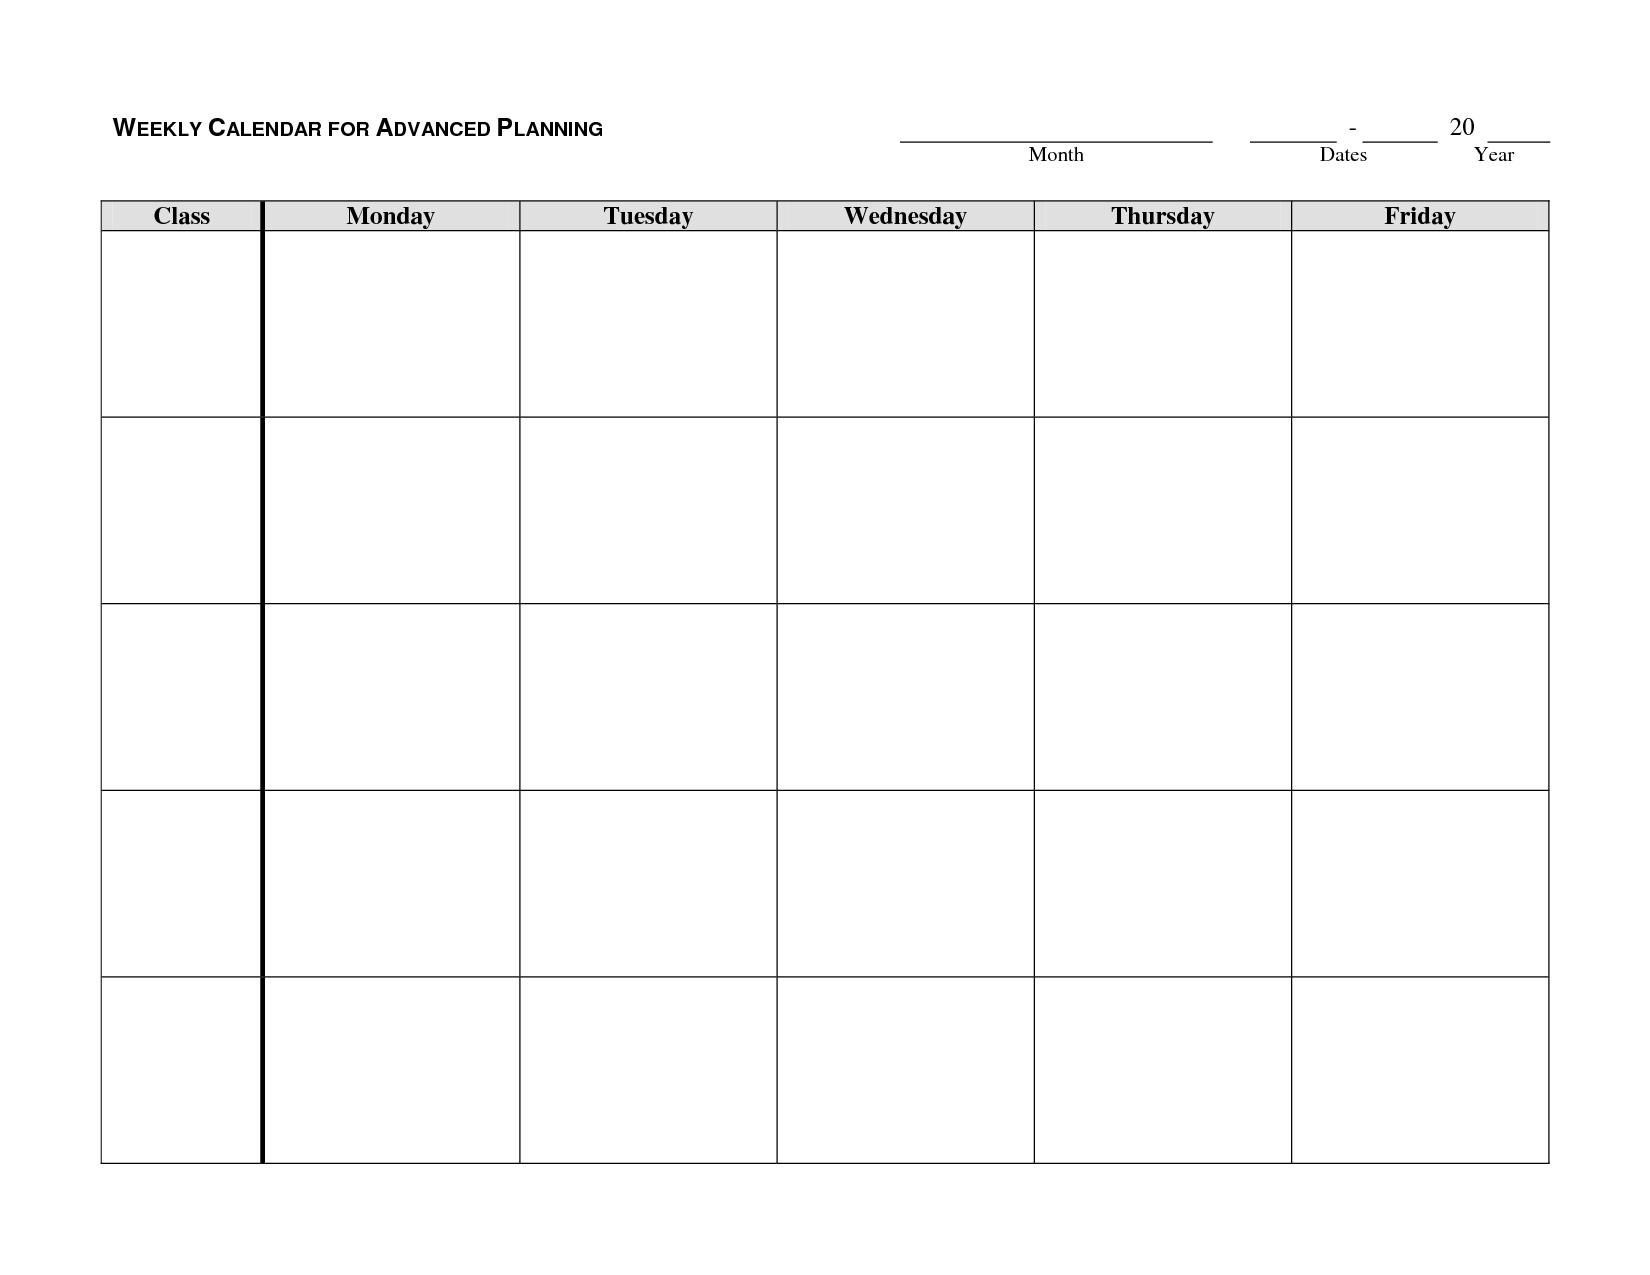 Monday To Friday Blank Calendar | Calendar Template Printable Monday To Friday Weekly Calendar